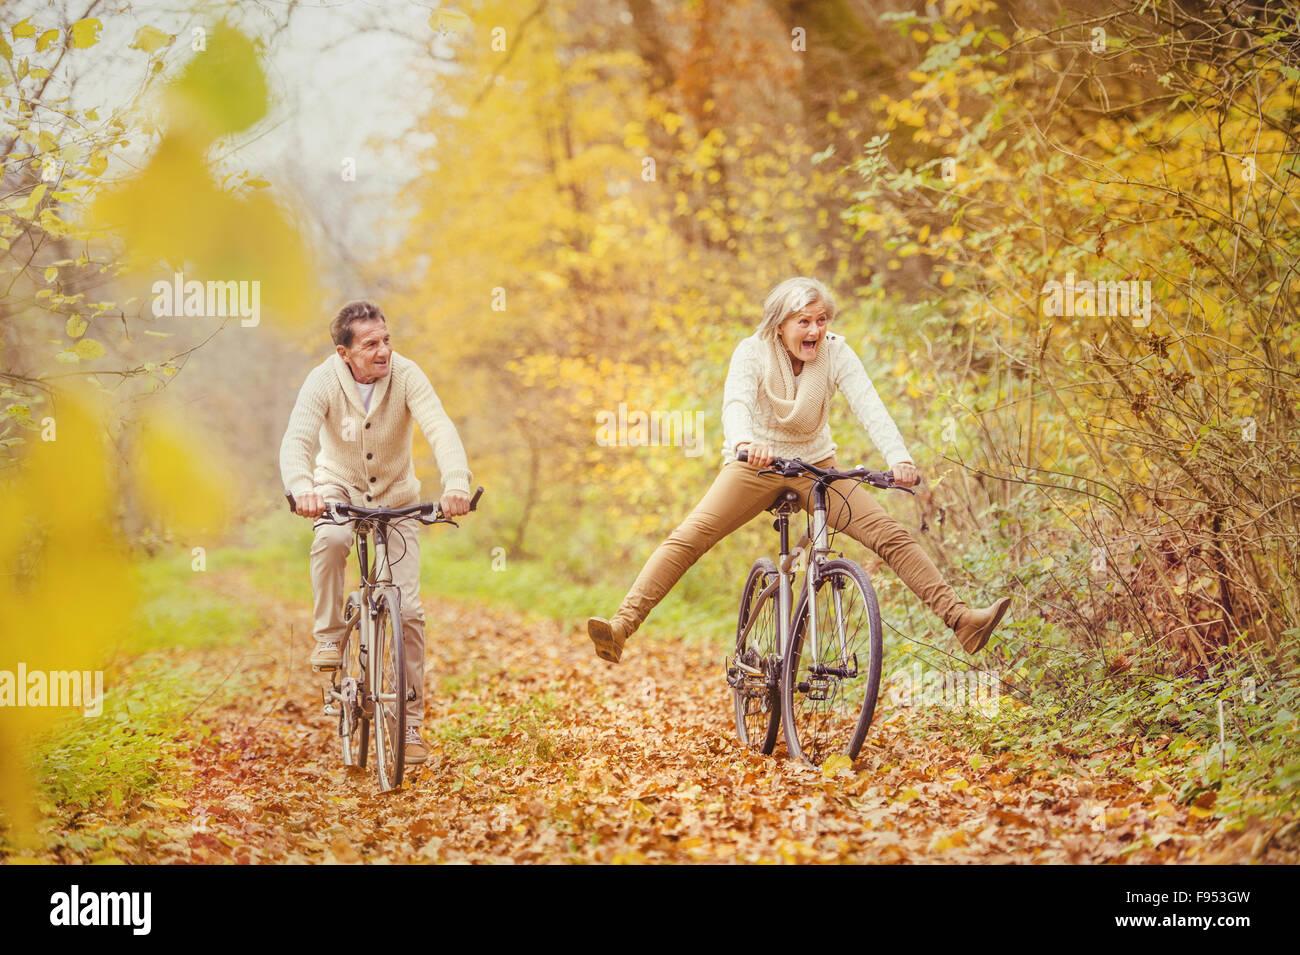 Active seniors Bicicletta Equitazione in autunno la natura. Essi avendo divertimento all'aperto. Immagini Stock